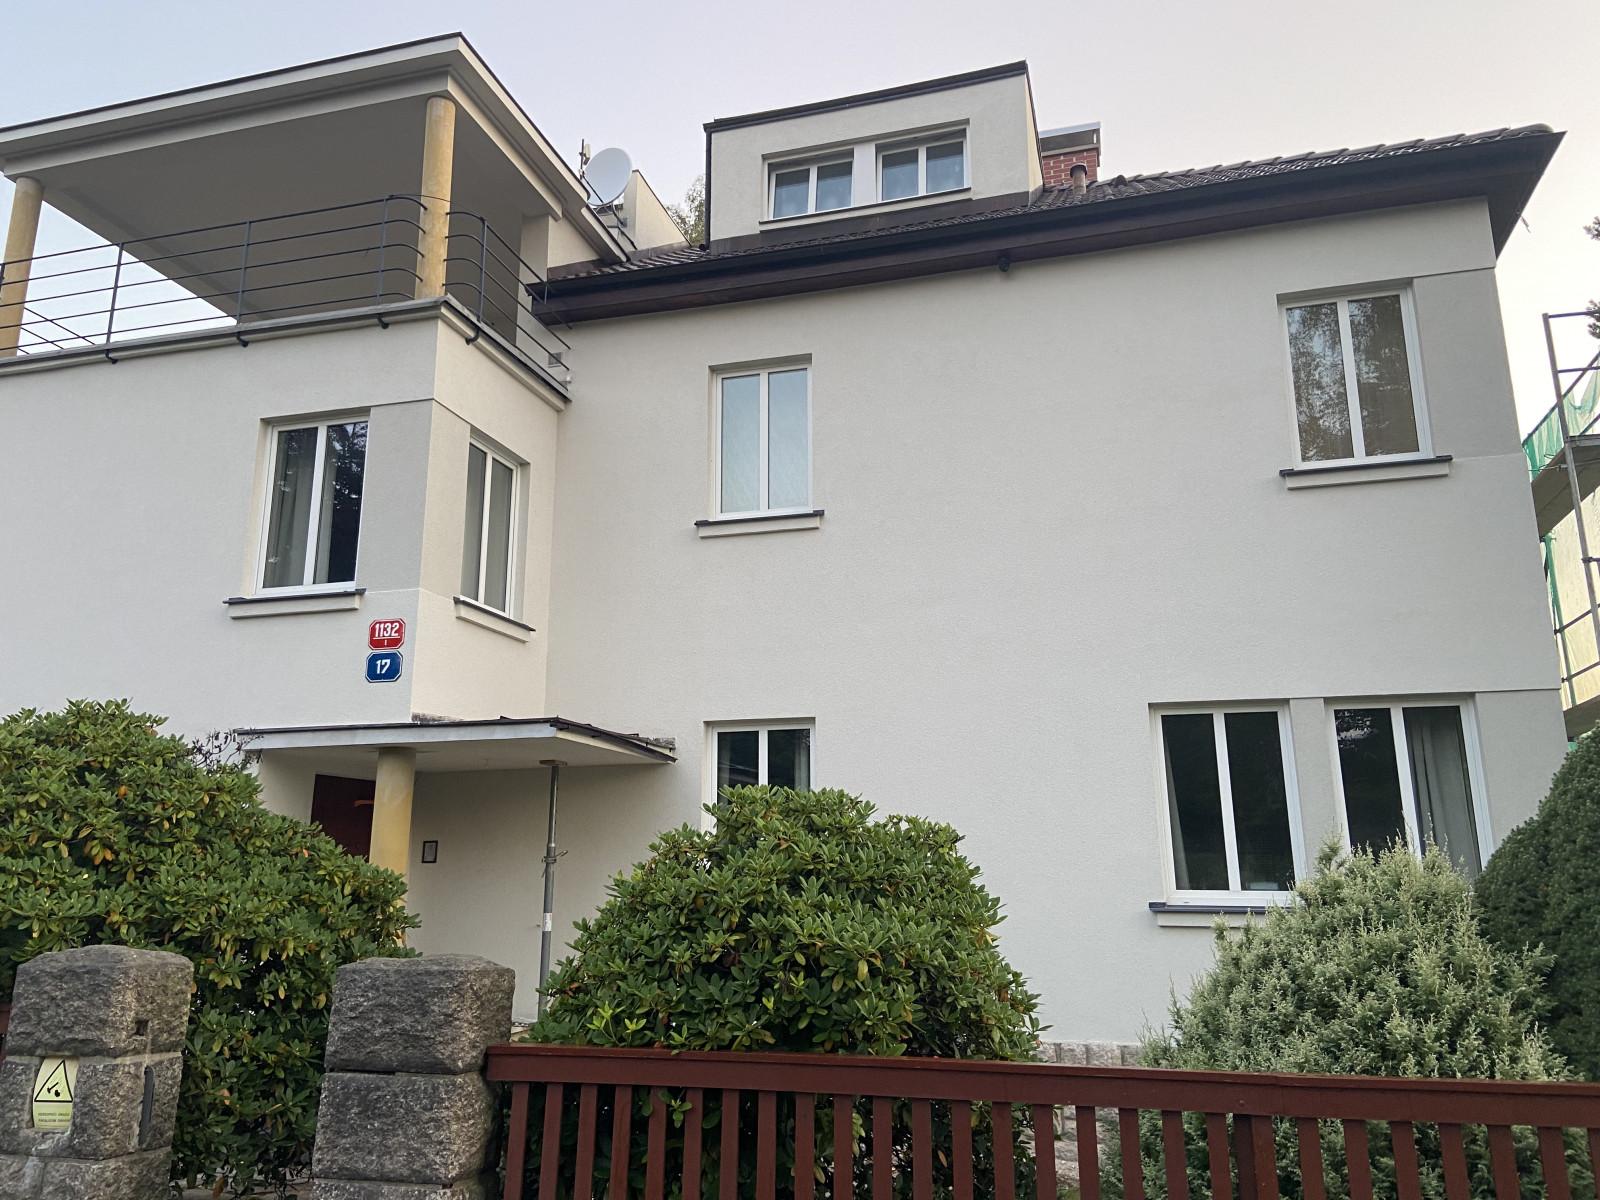 Oprava fasády a klempířských prvků na funkcionalistické vile v Liberci 1